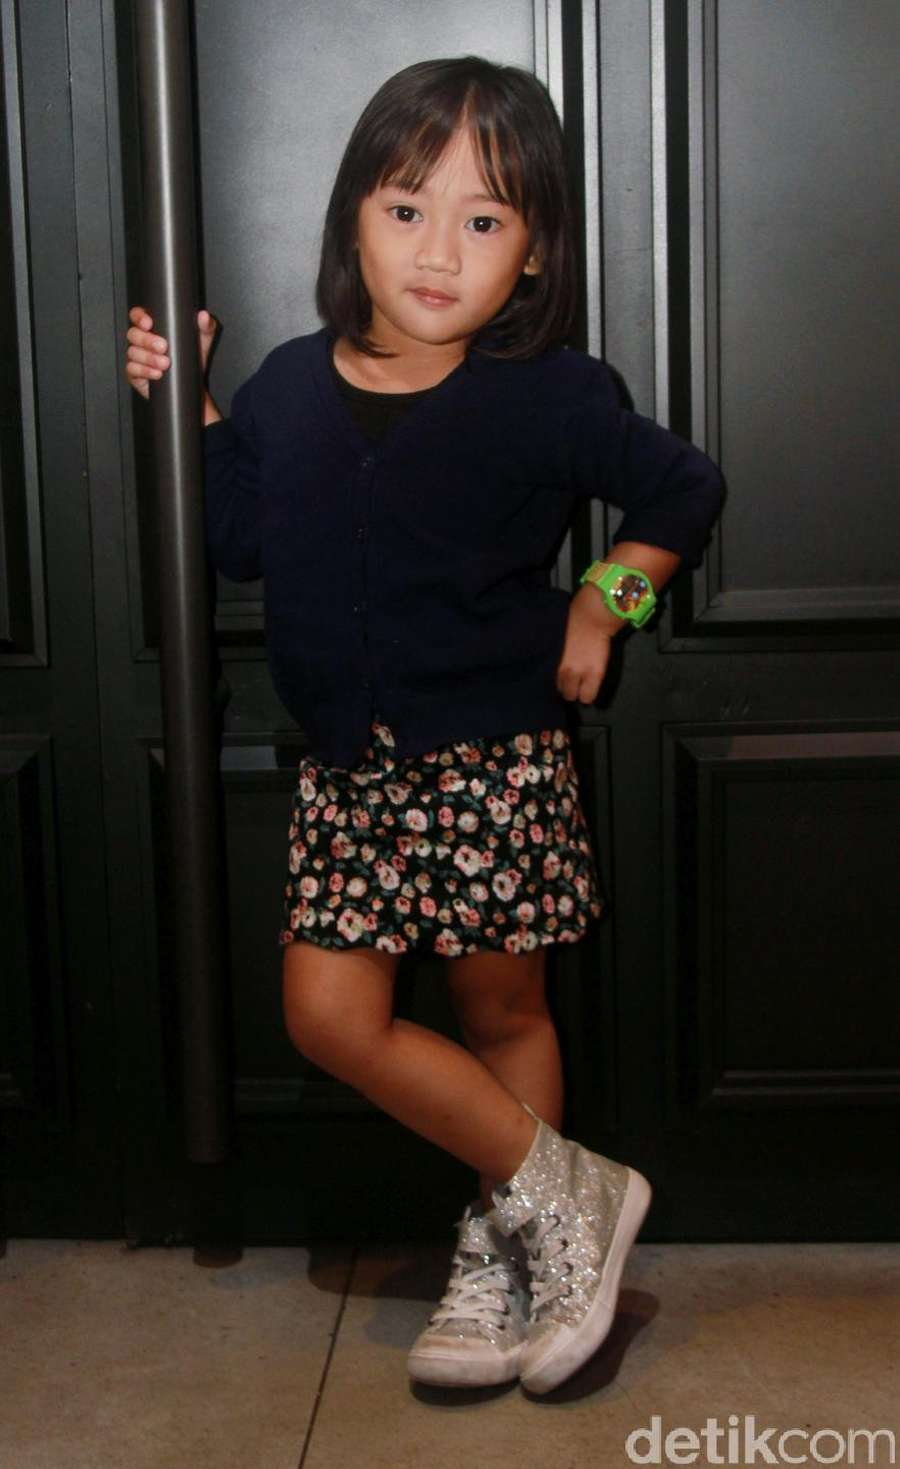 Aih, Putri Rian dMasiv Masih Kecil Sudah Lihai Berpose!